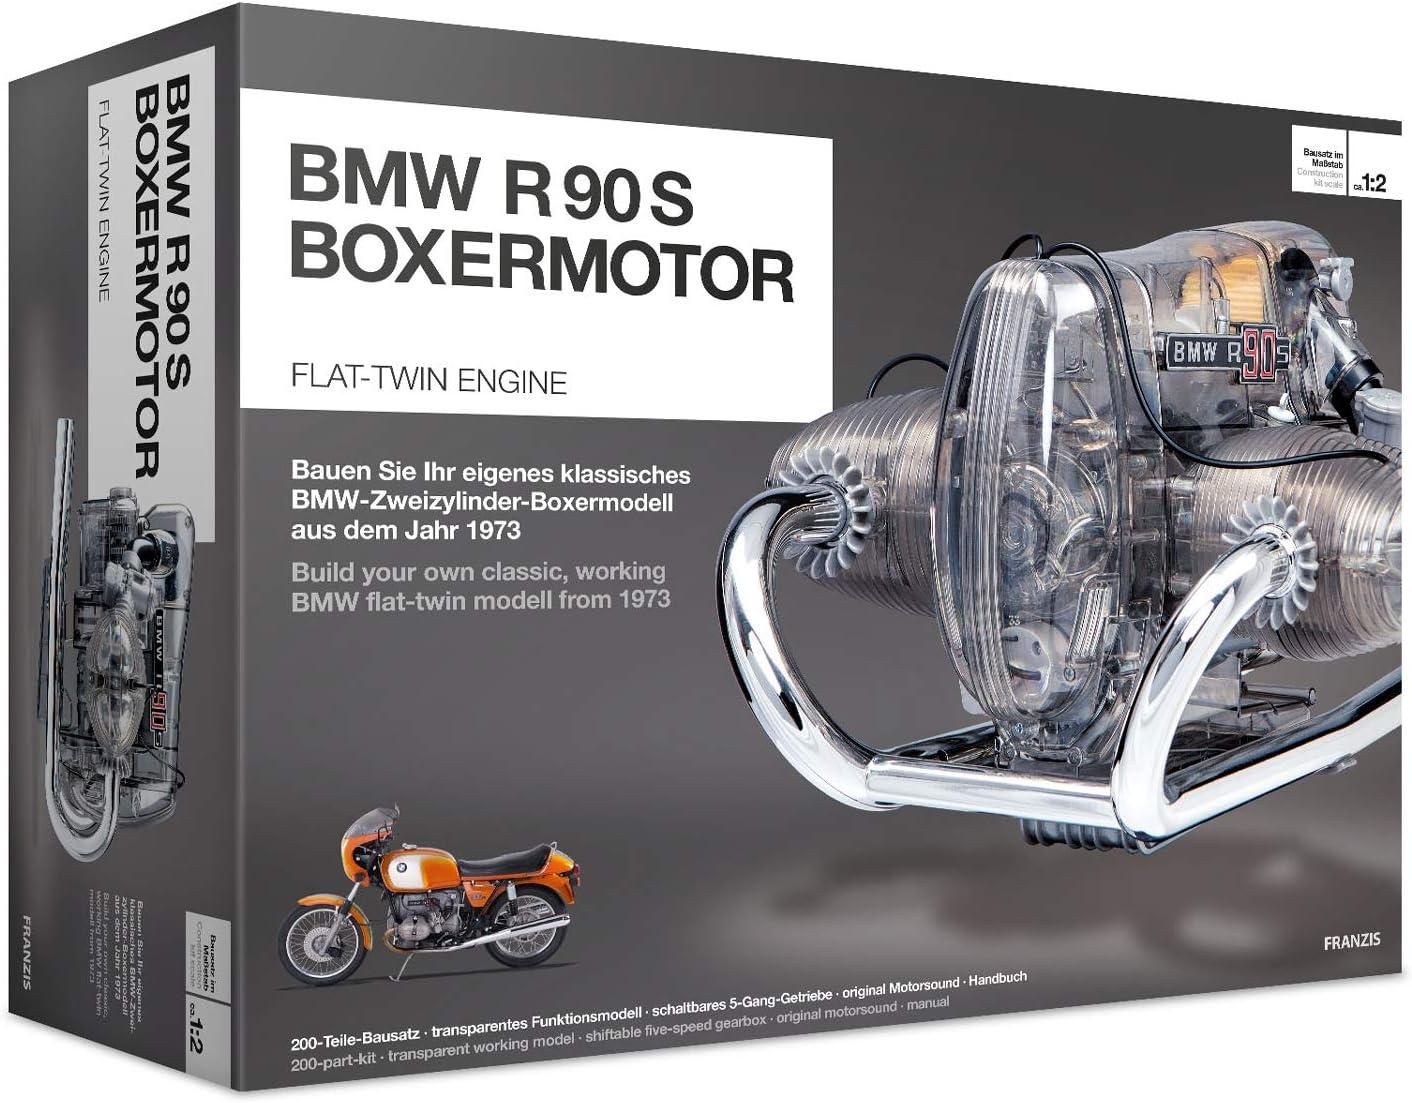 Franzis Verlag Boxermotor Kit de ingeniería para modelo clásico bicilíndrico de BMW R 90 S, 200 piezas, escala 1:2